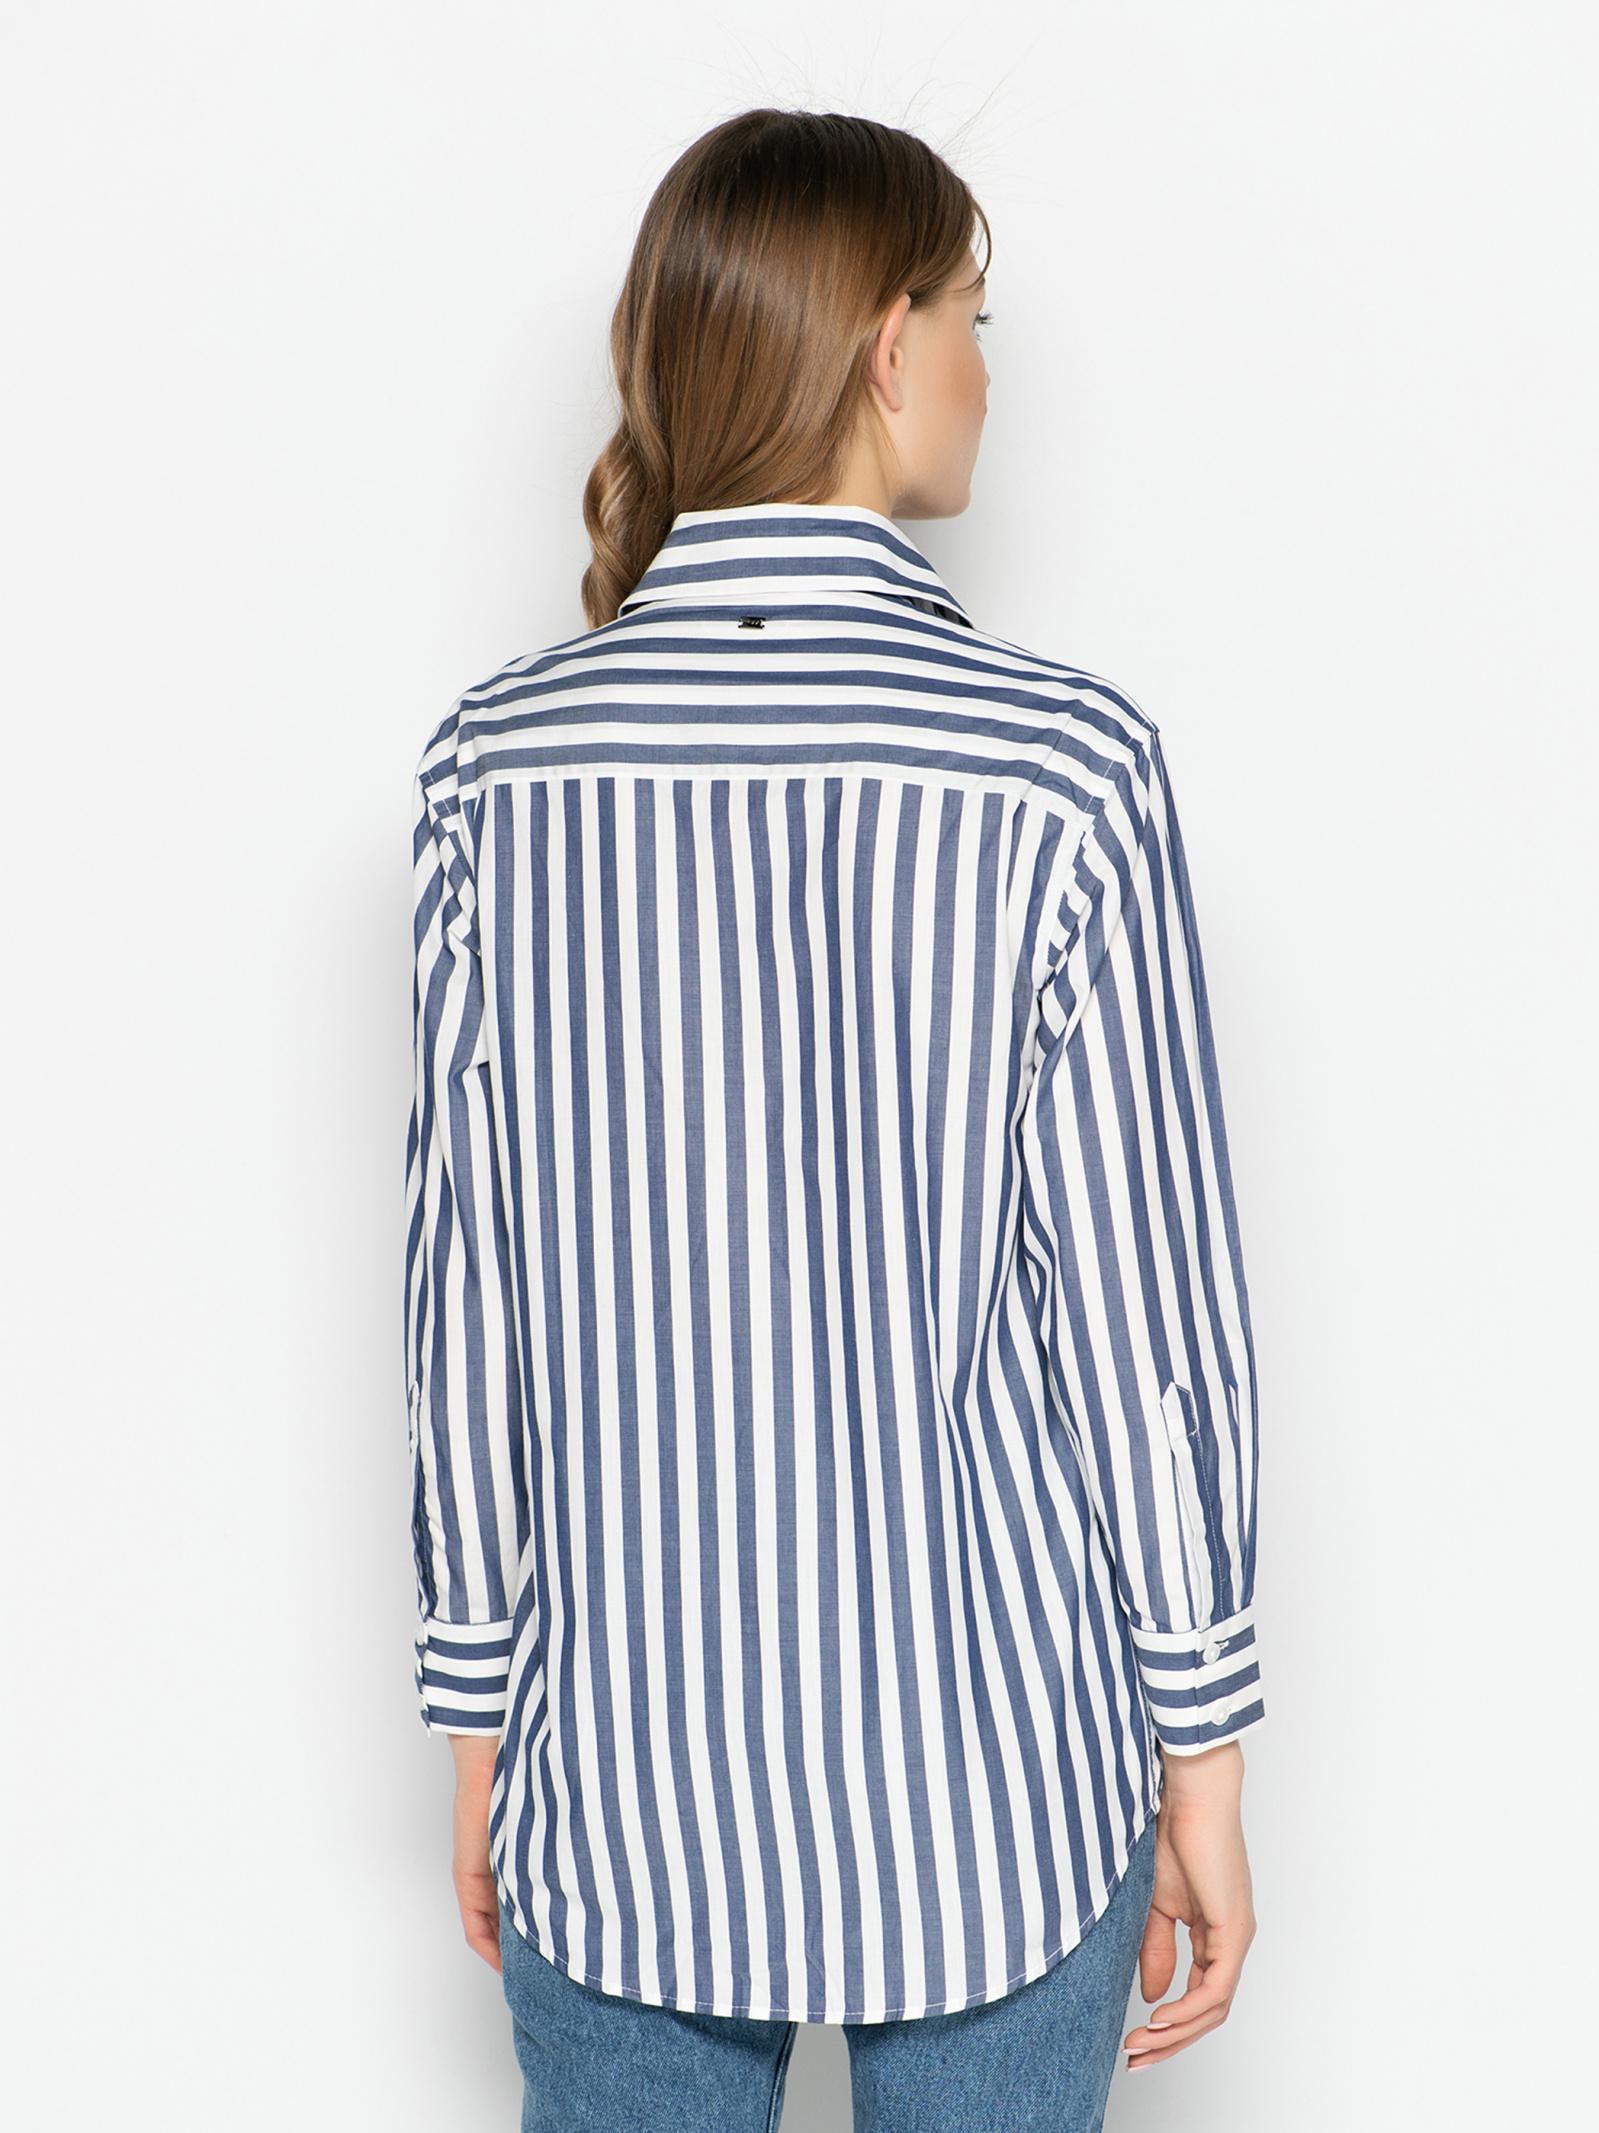 MEXX Блуза жіночі модель 73977-318769 купити, 2017